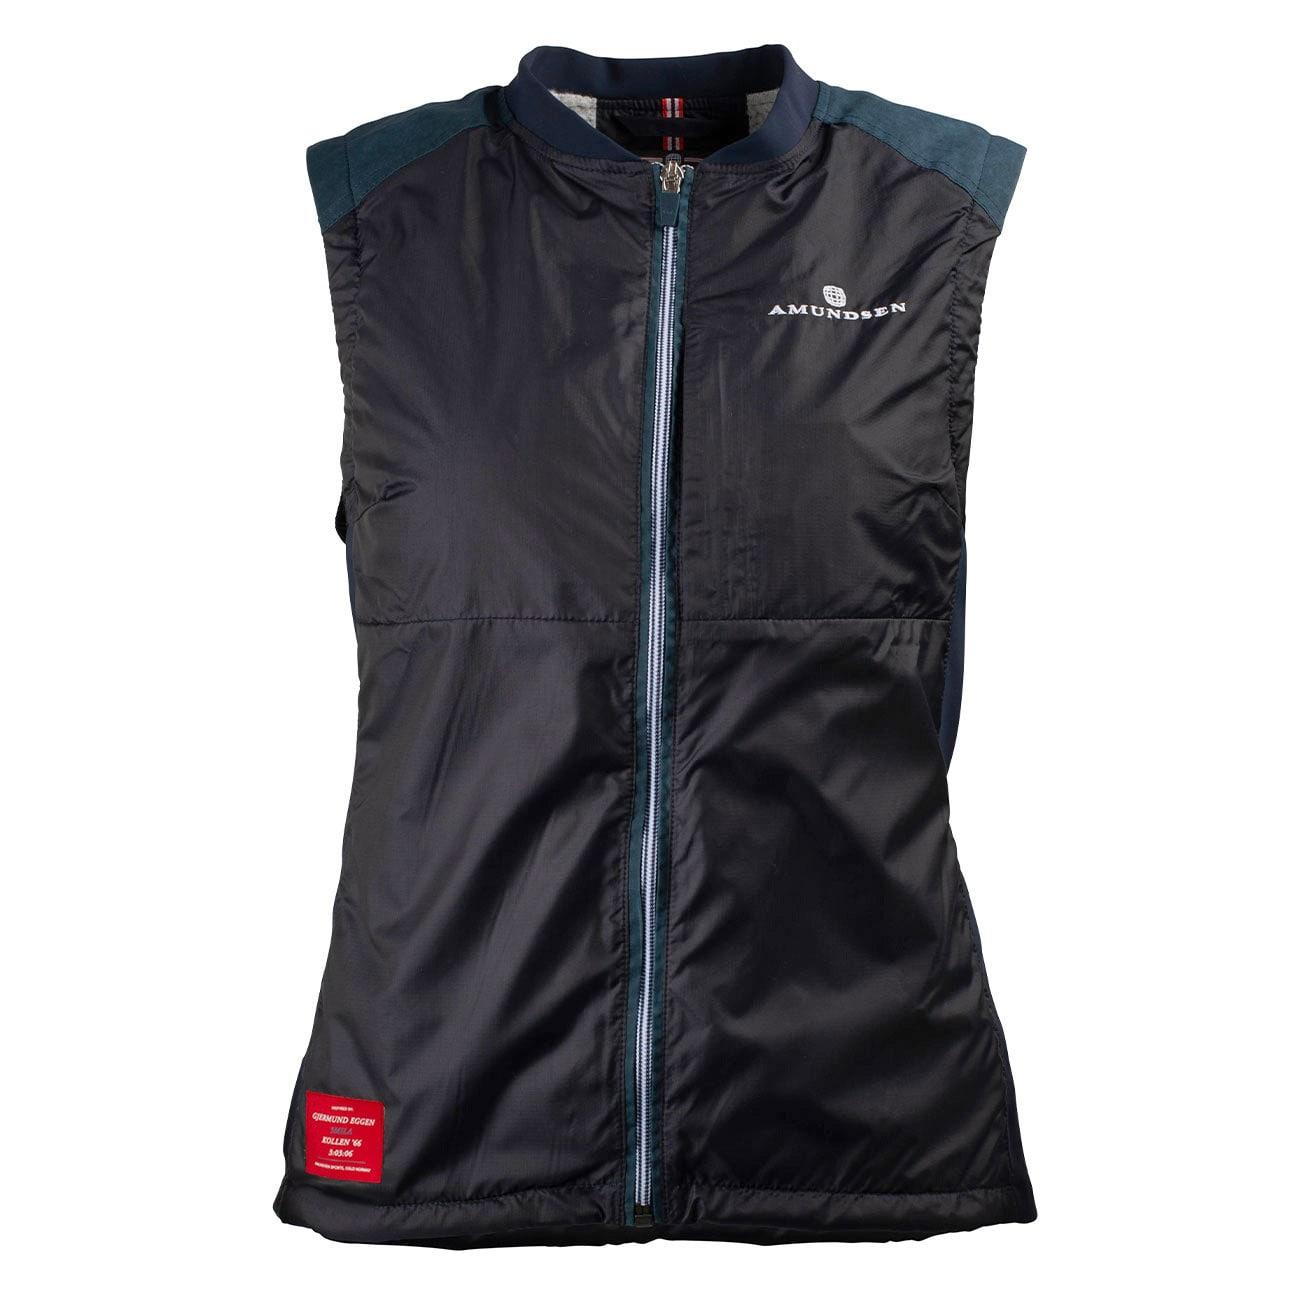 Amundsen Sports 5MILA Vest, W's